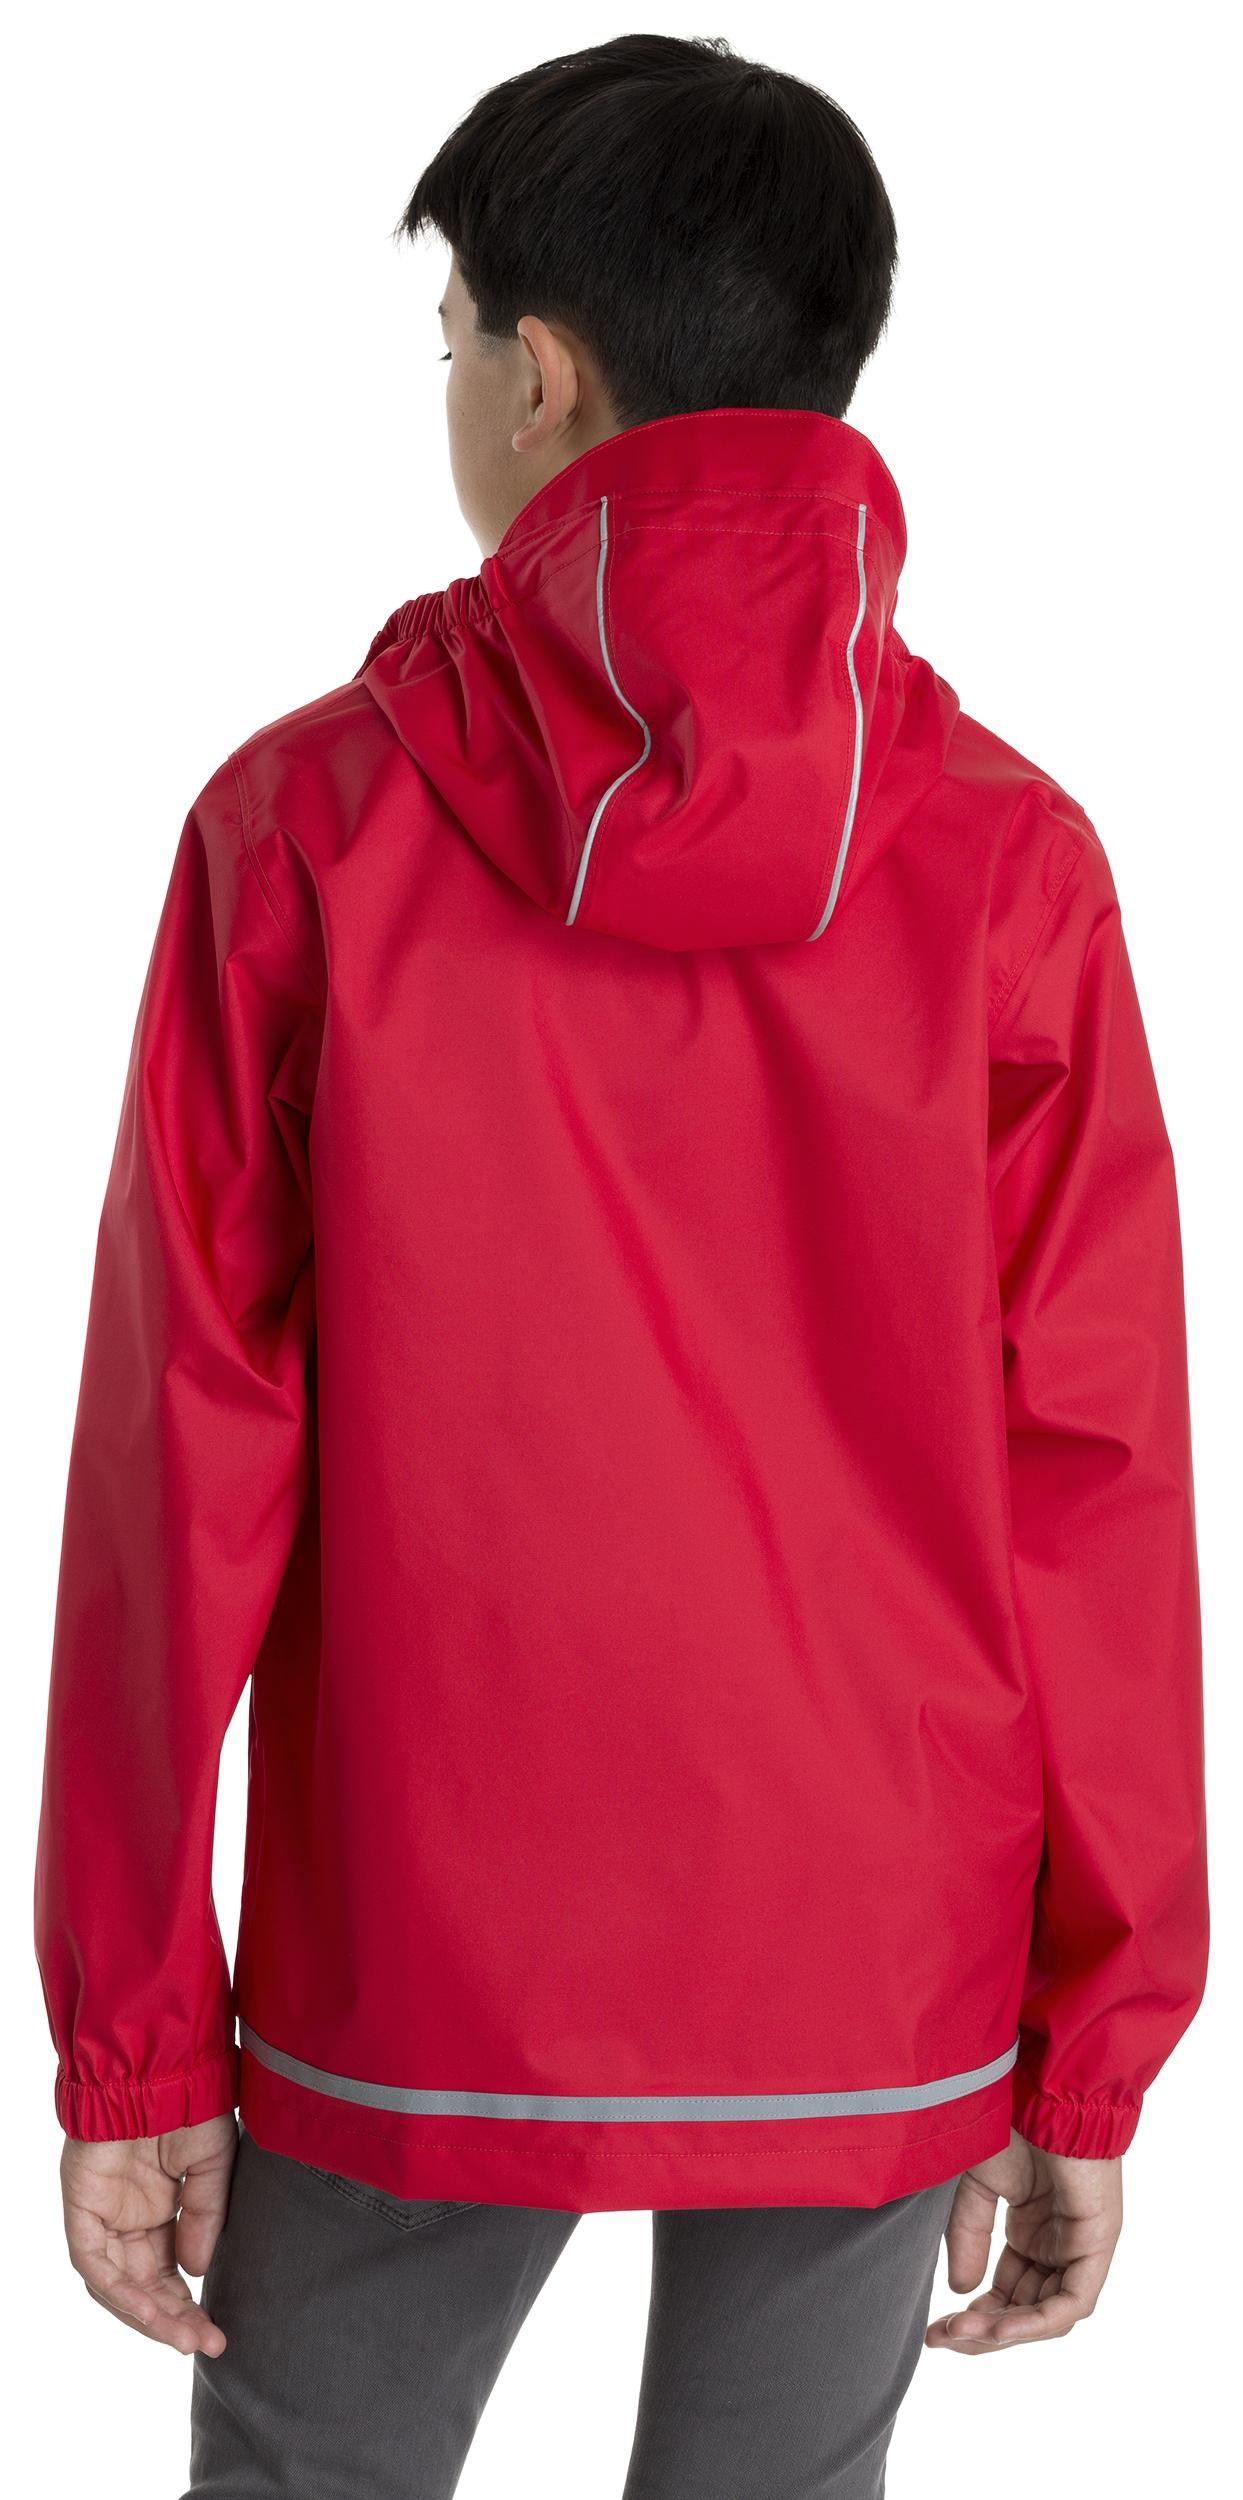 MEC Reflective Rain Jacket - Youths